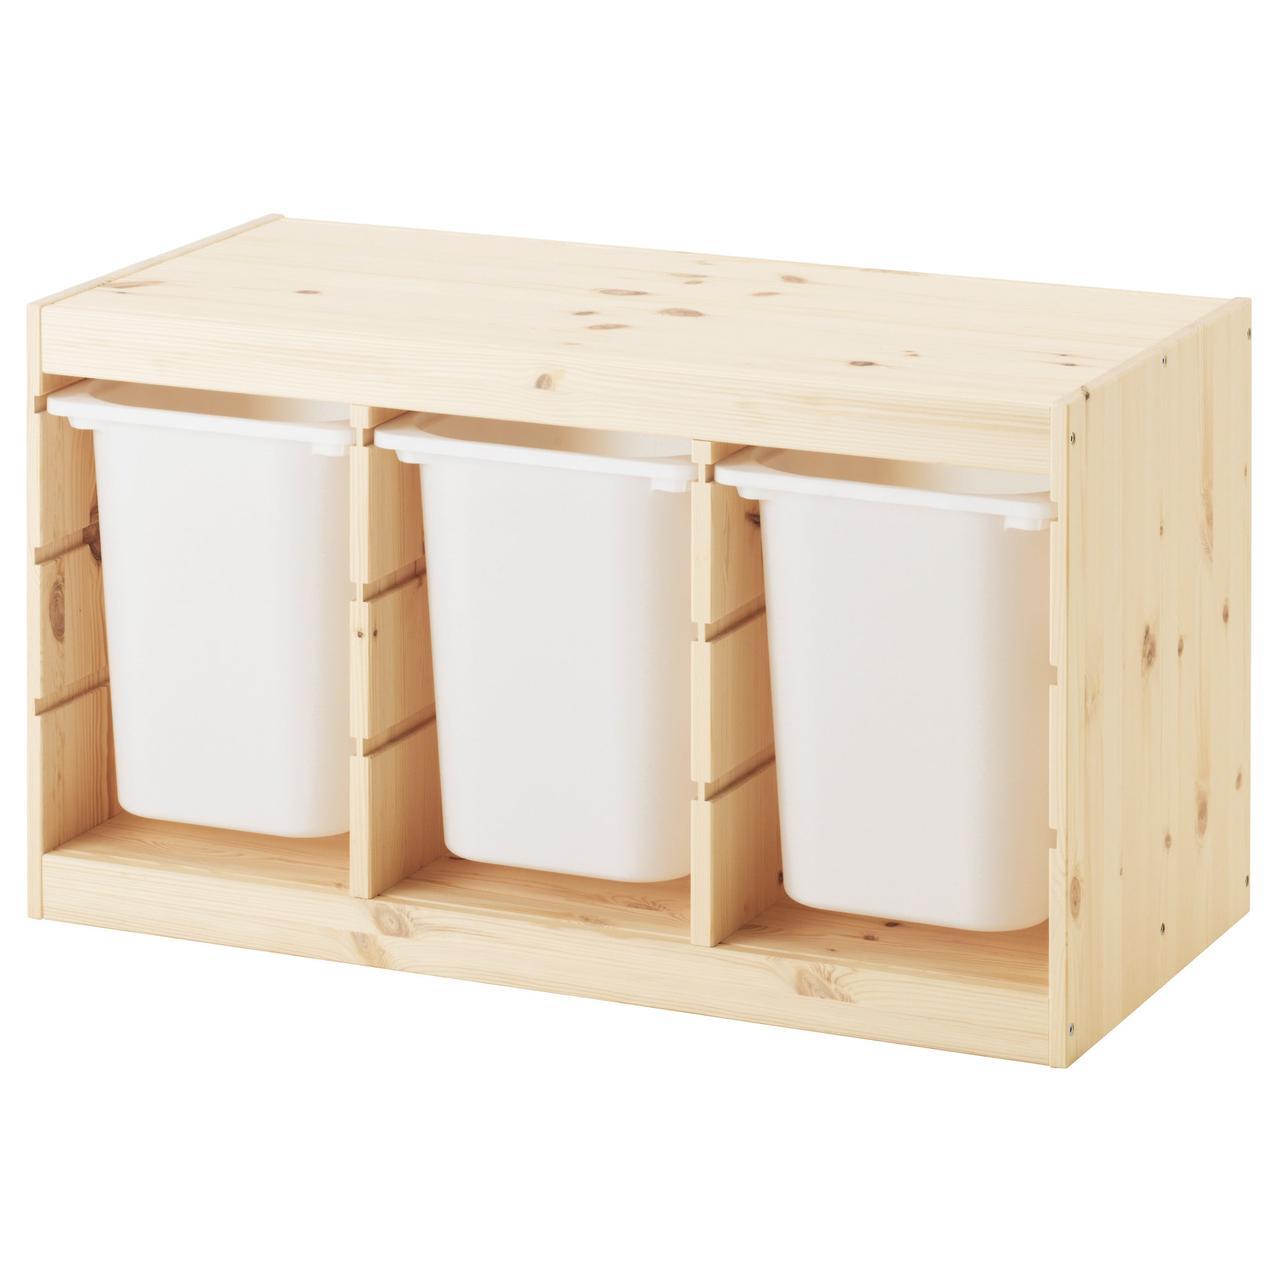 ТРУФАСТ Комбинация д/хранения+контейнерами, светлая беленая сосна, белый